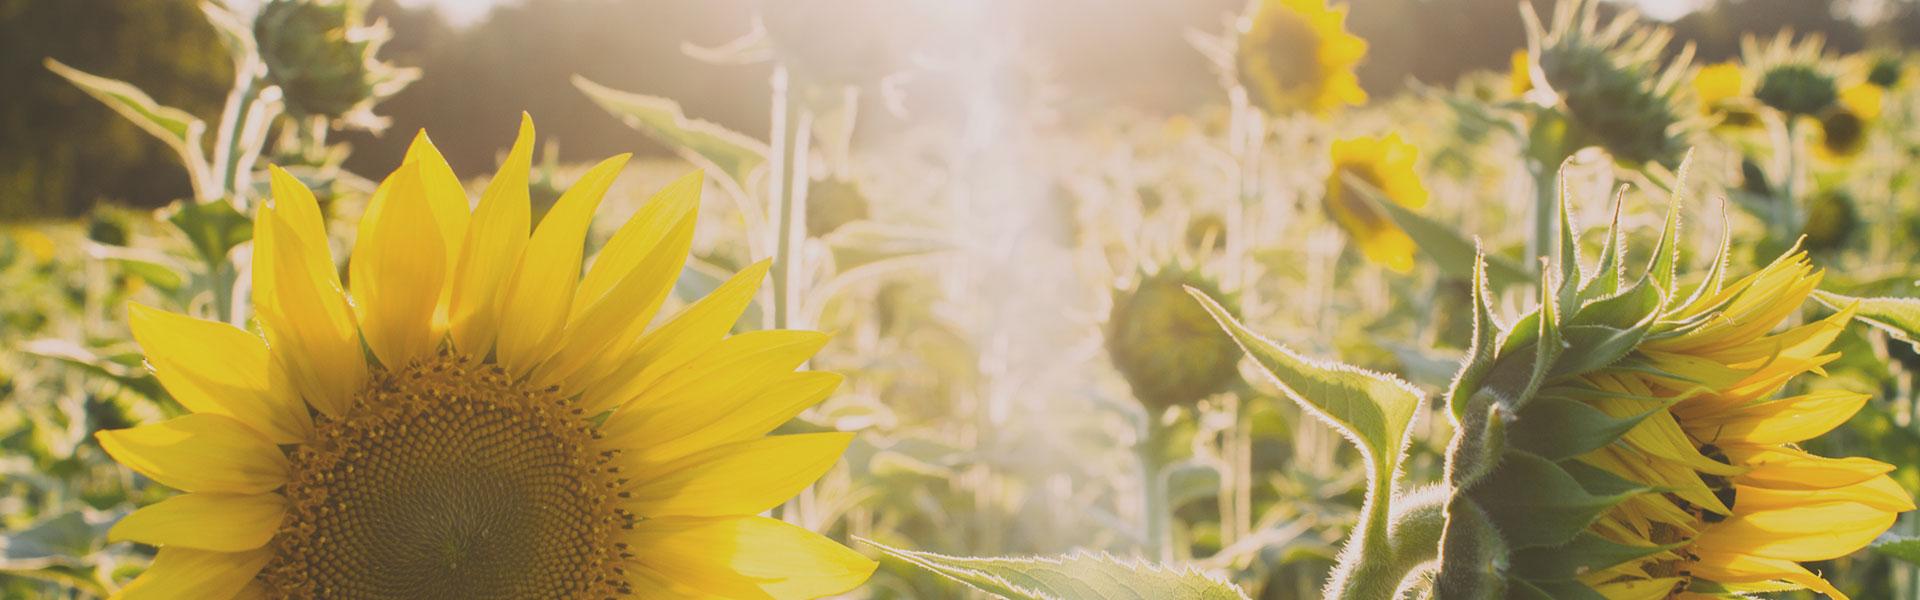 Семена подсолнечника, пшеницы, гречихи, кориандра